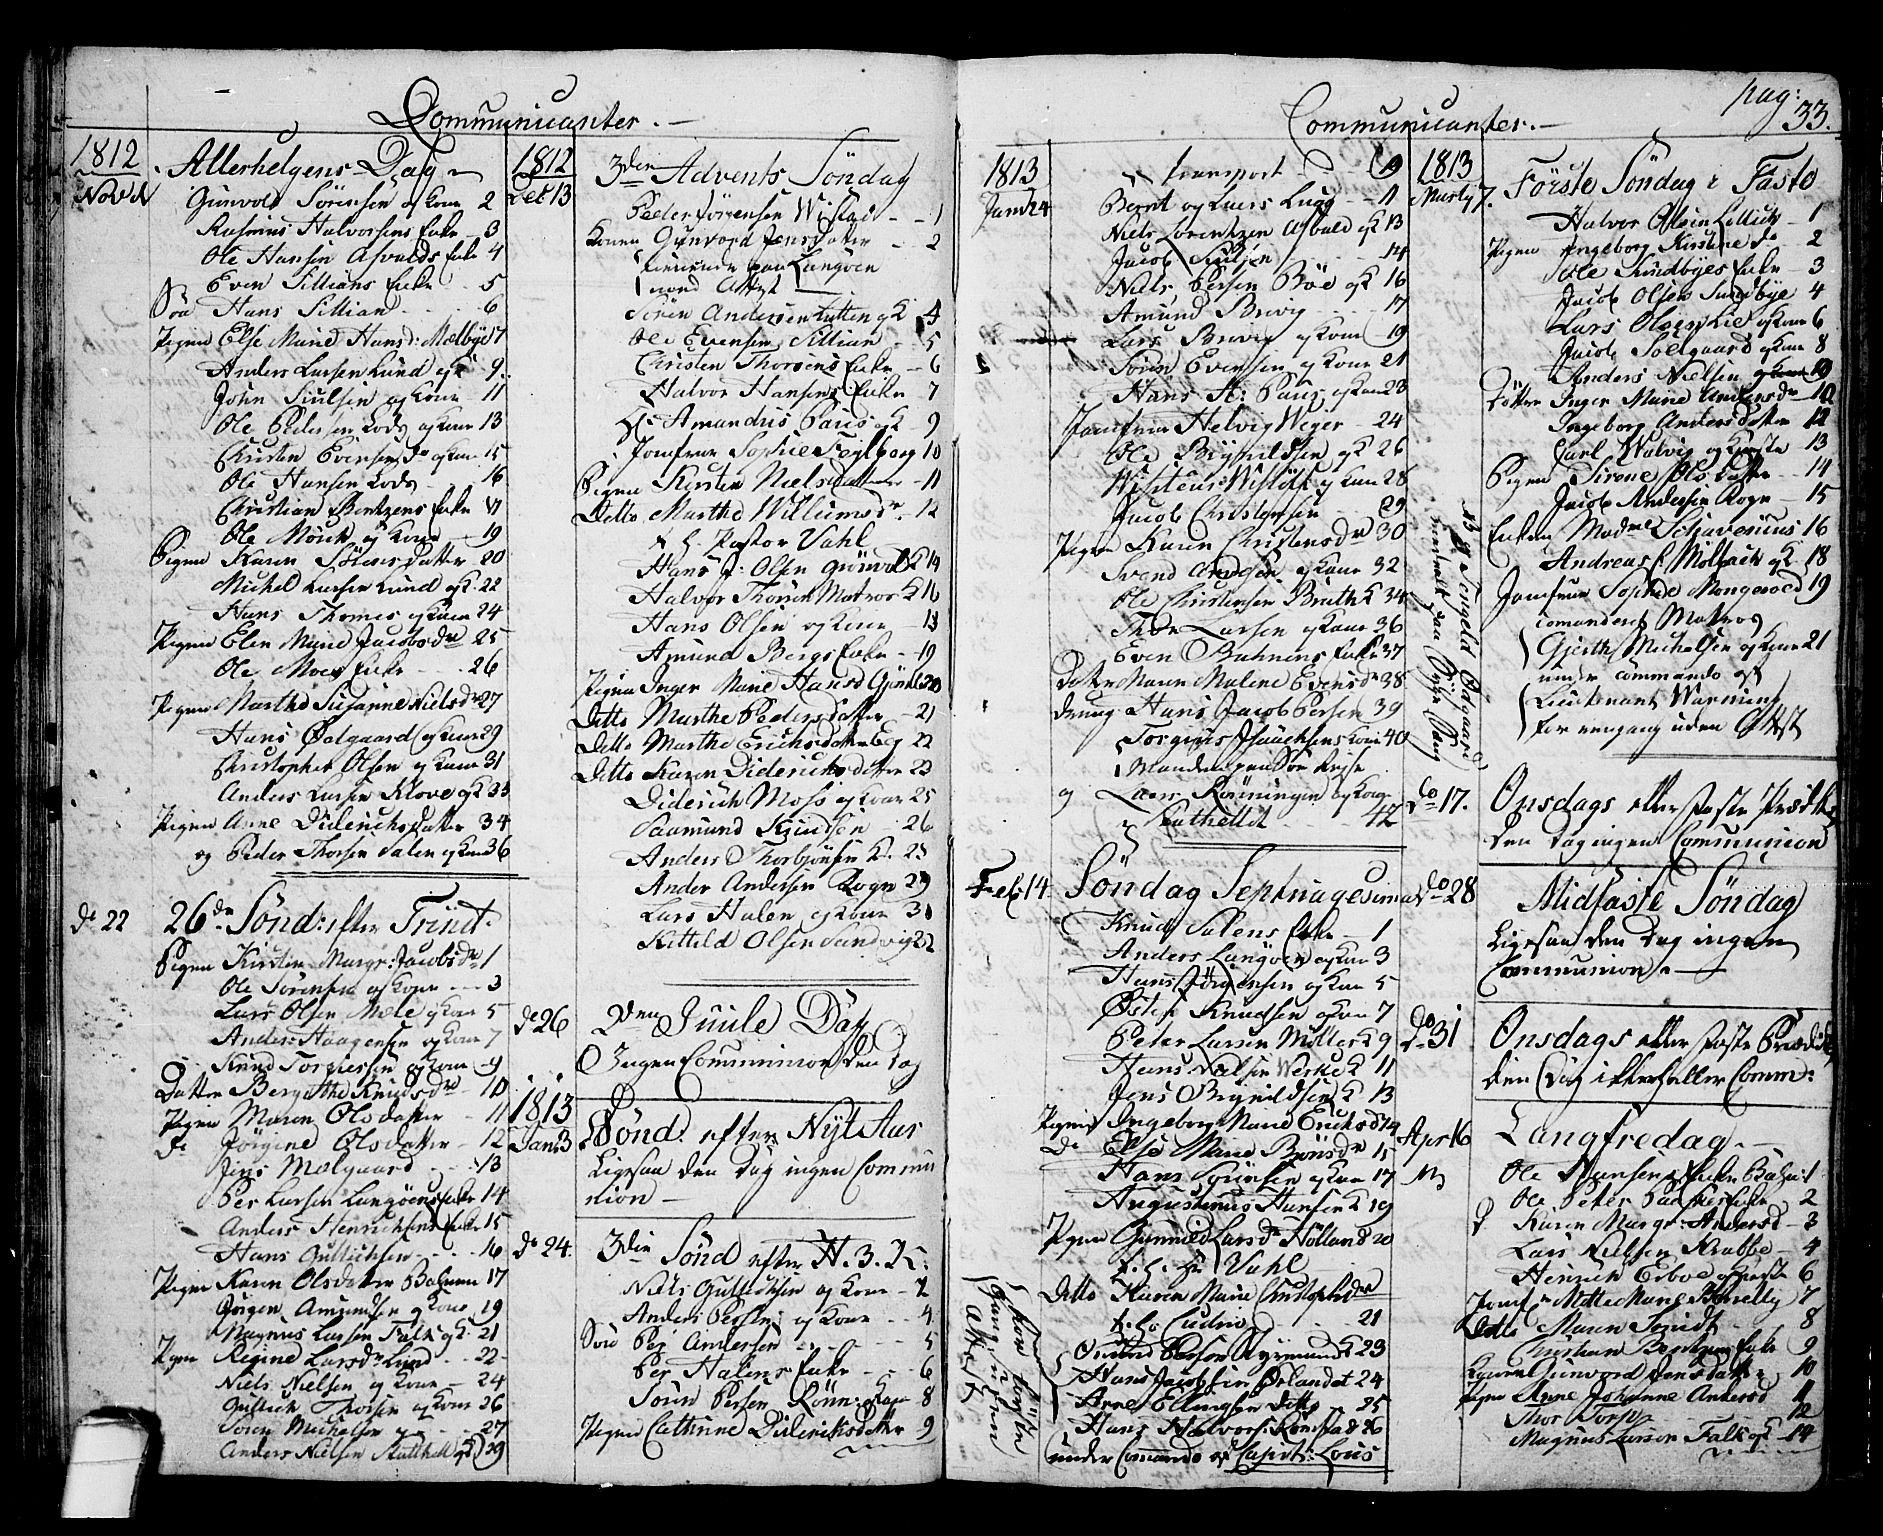 SAKO, Langesund kirkebøker, G/Ga/L0002: Klokkerbok nr. 2, 1801-1815, s. 33